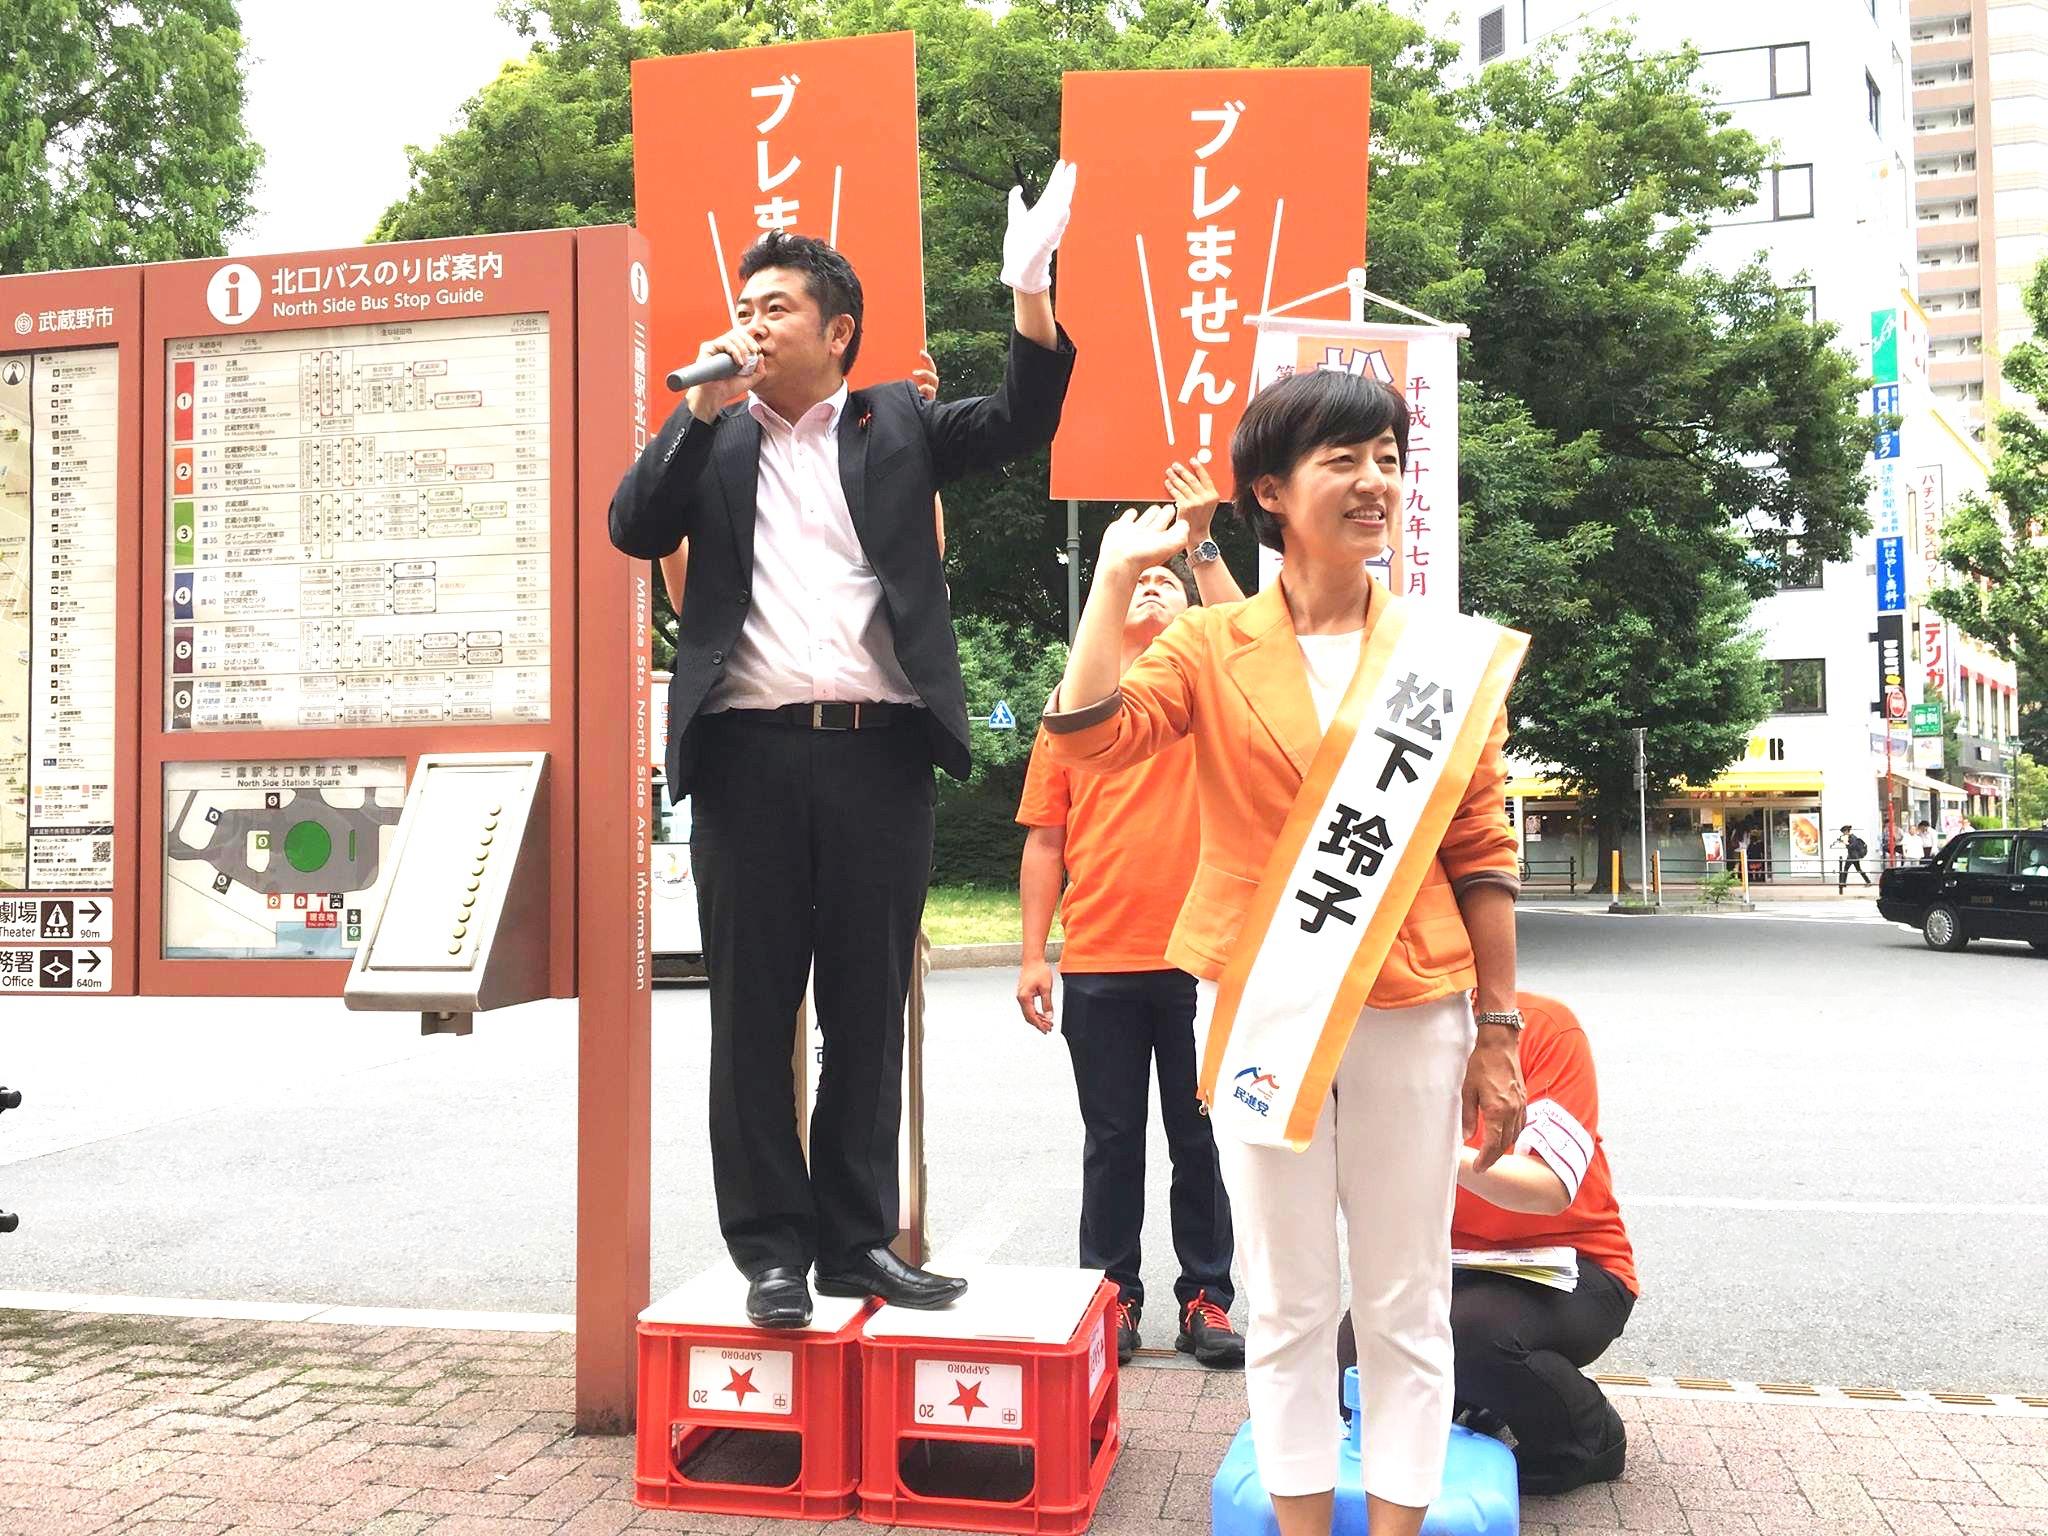 松下玲子東京都議候補の応援